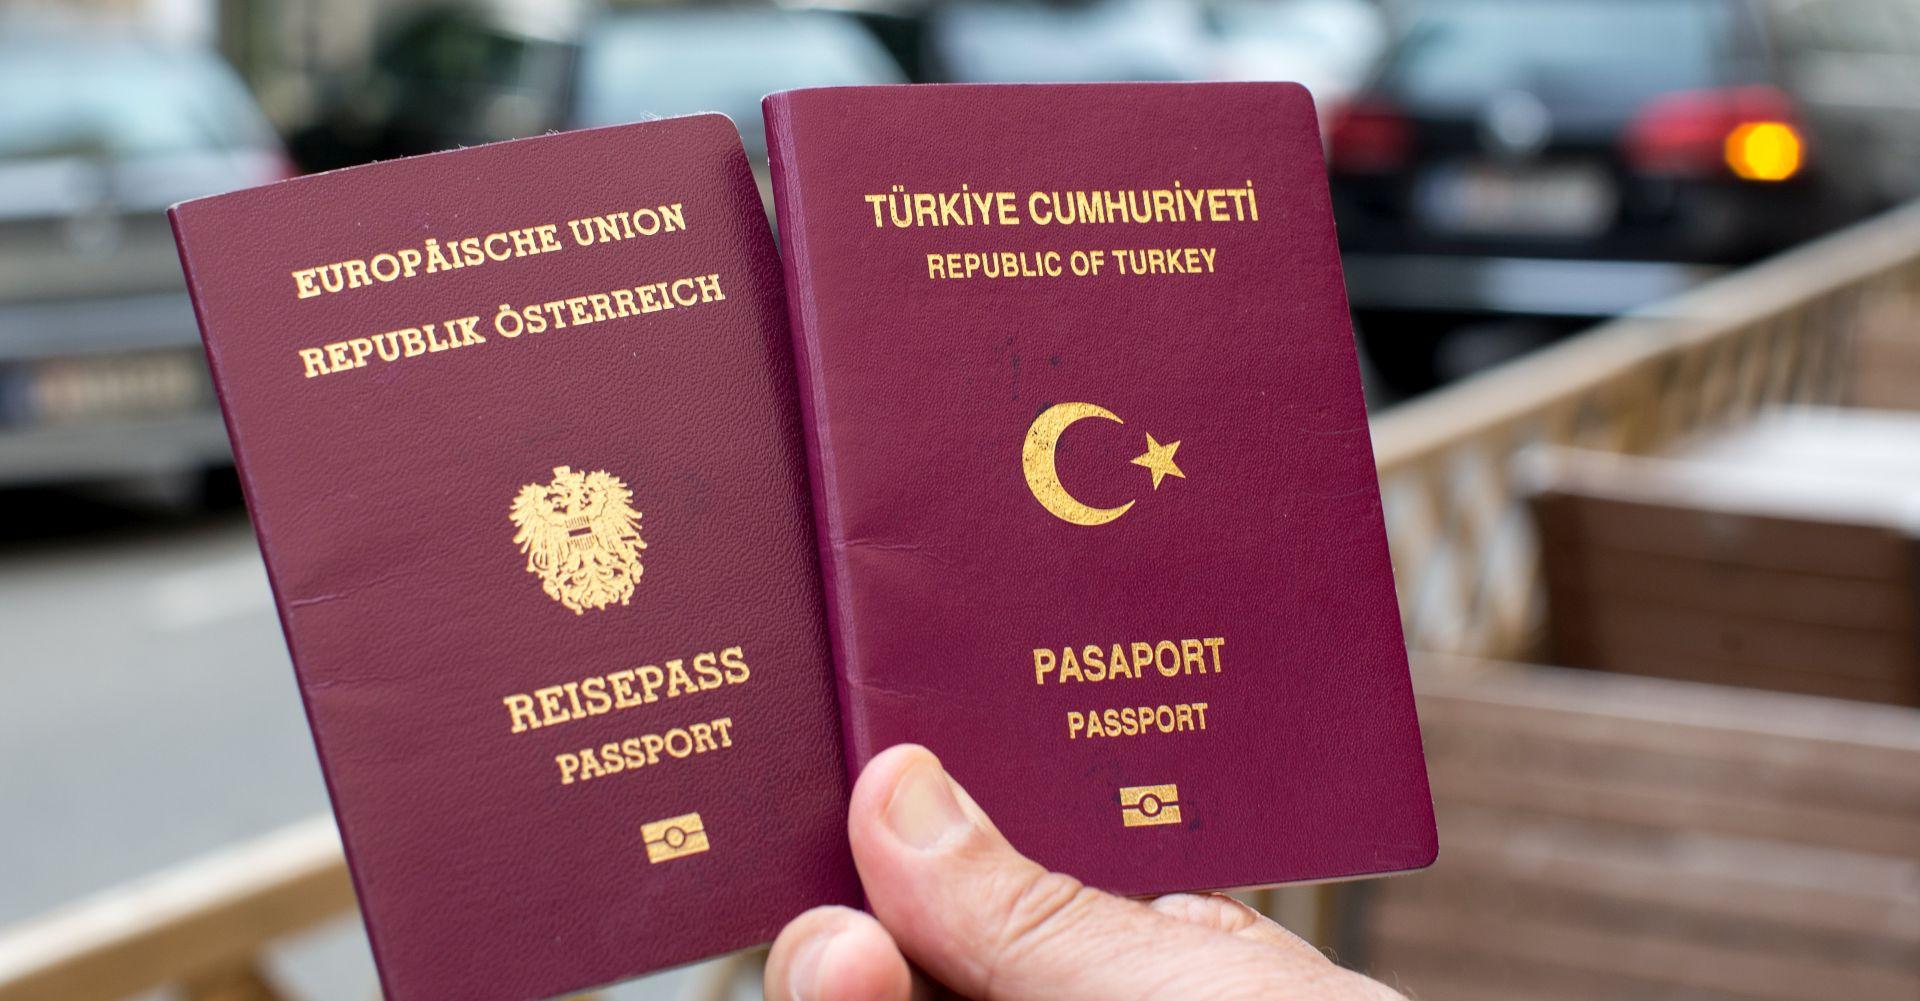 Stier smatra da EU treba održati komunikaciju s Turskom